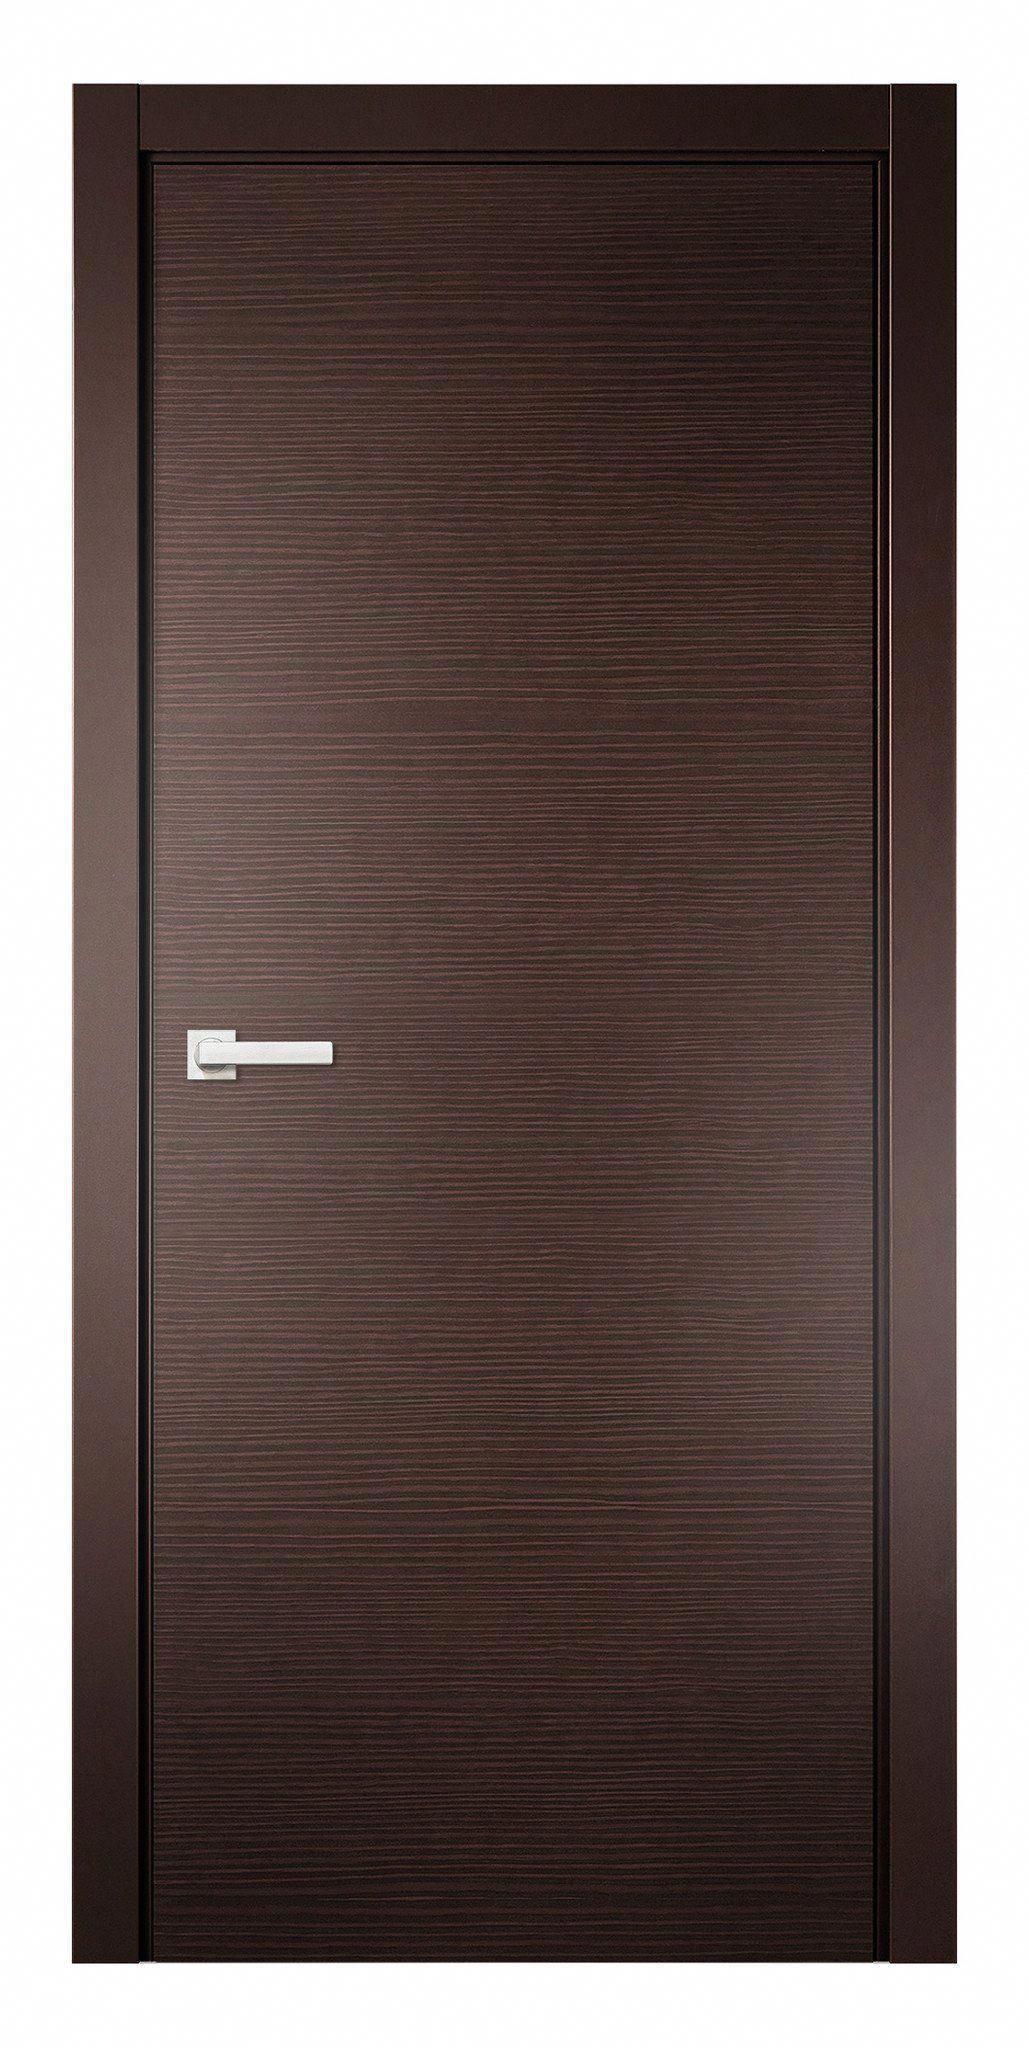 Oak Internal Doors  Wooden Door Frame  3 Panel Glass Interior